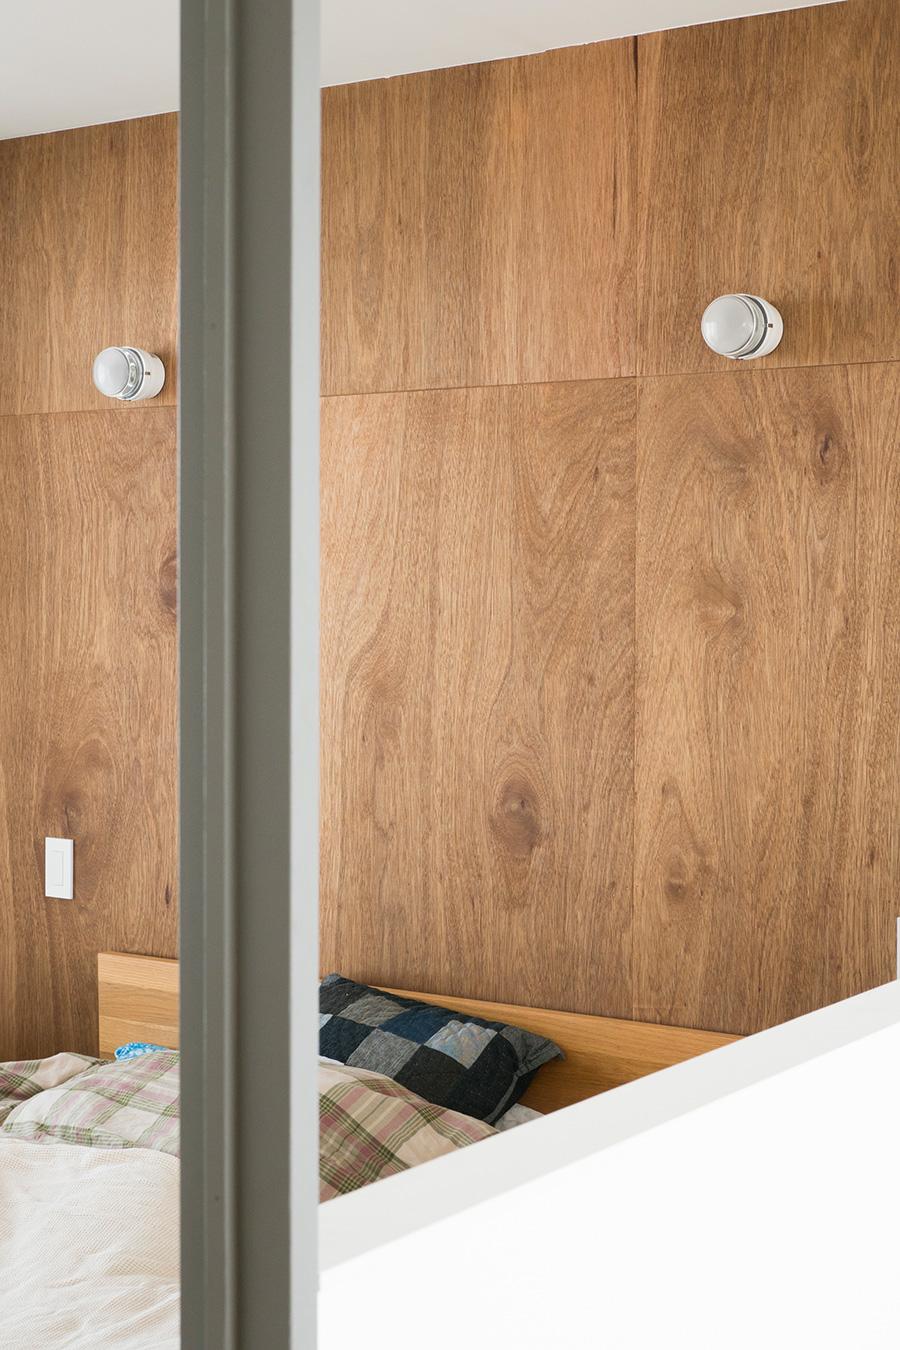 ベッドルームはホテルを意識して壁面をアレンジ。ジョエ・コロンボの照明を採用。